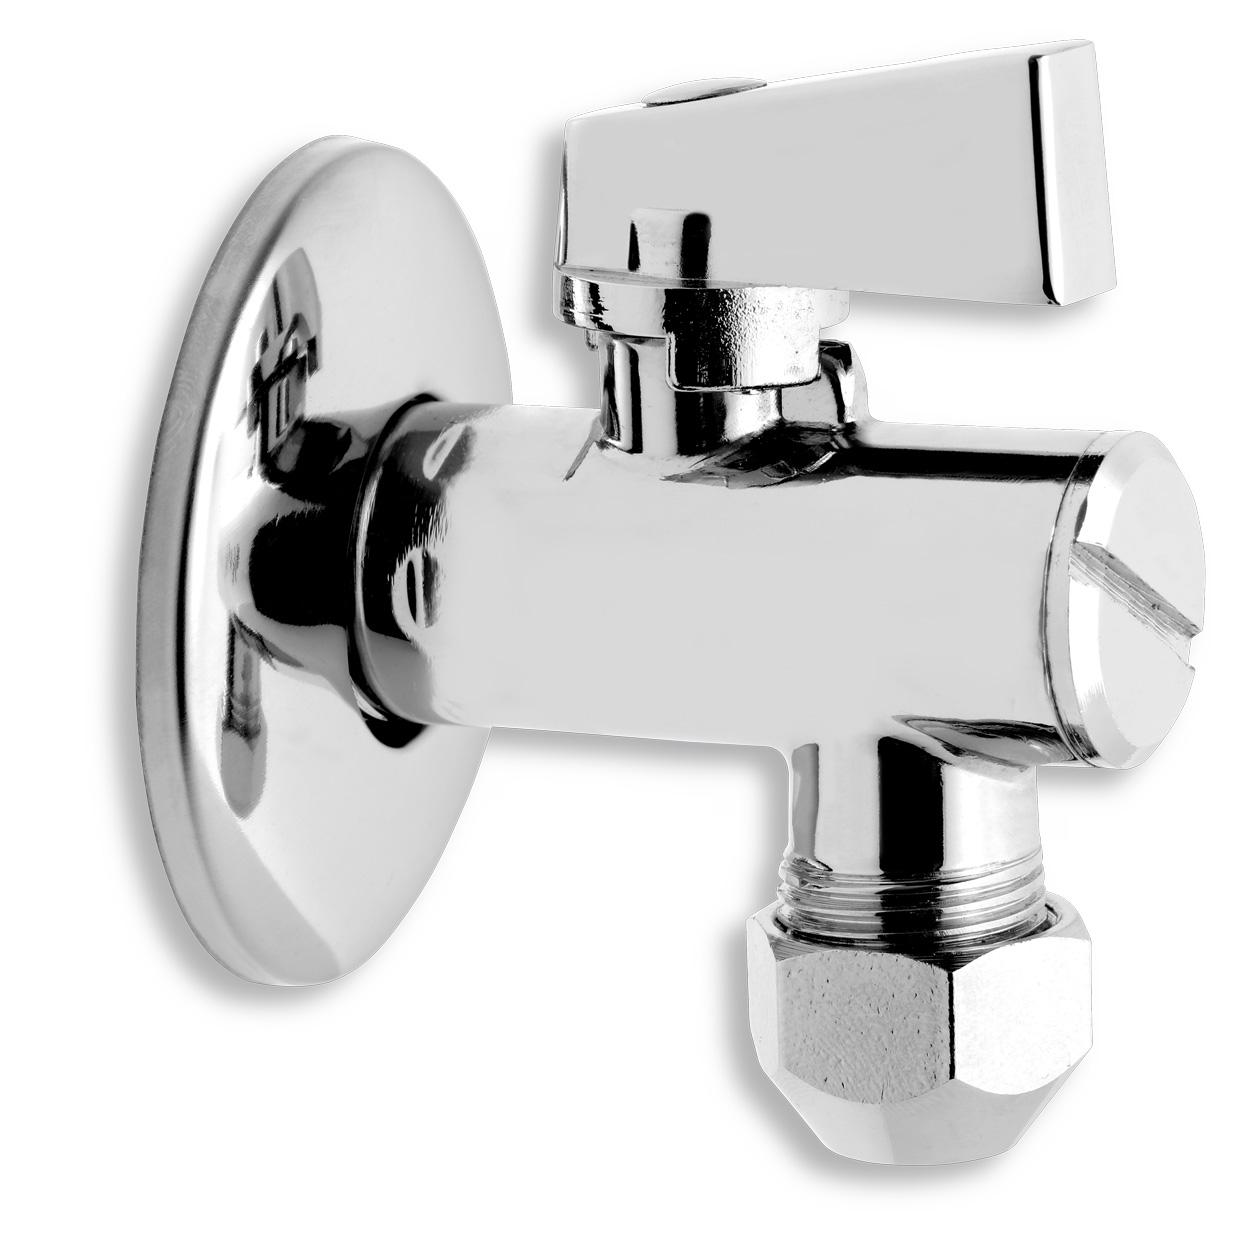 Rohový ventil s filtrem, kov pákou a převl matkou 1/2x3/8